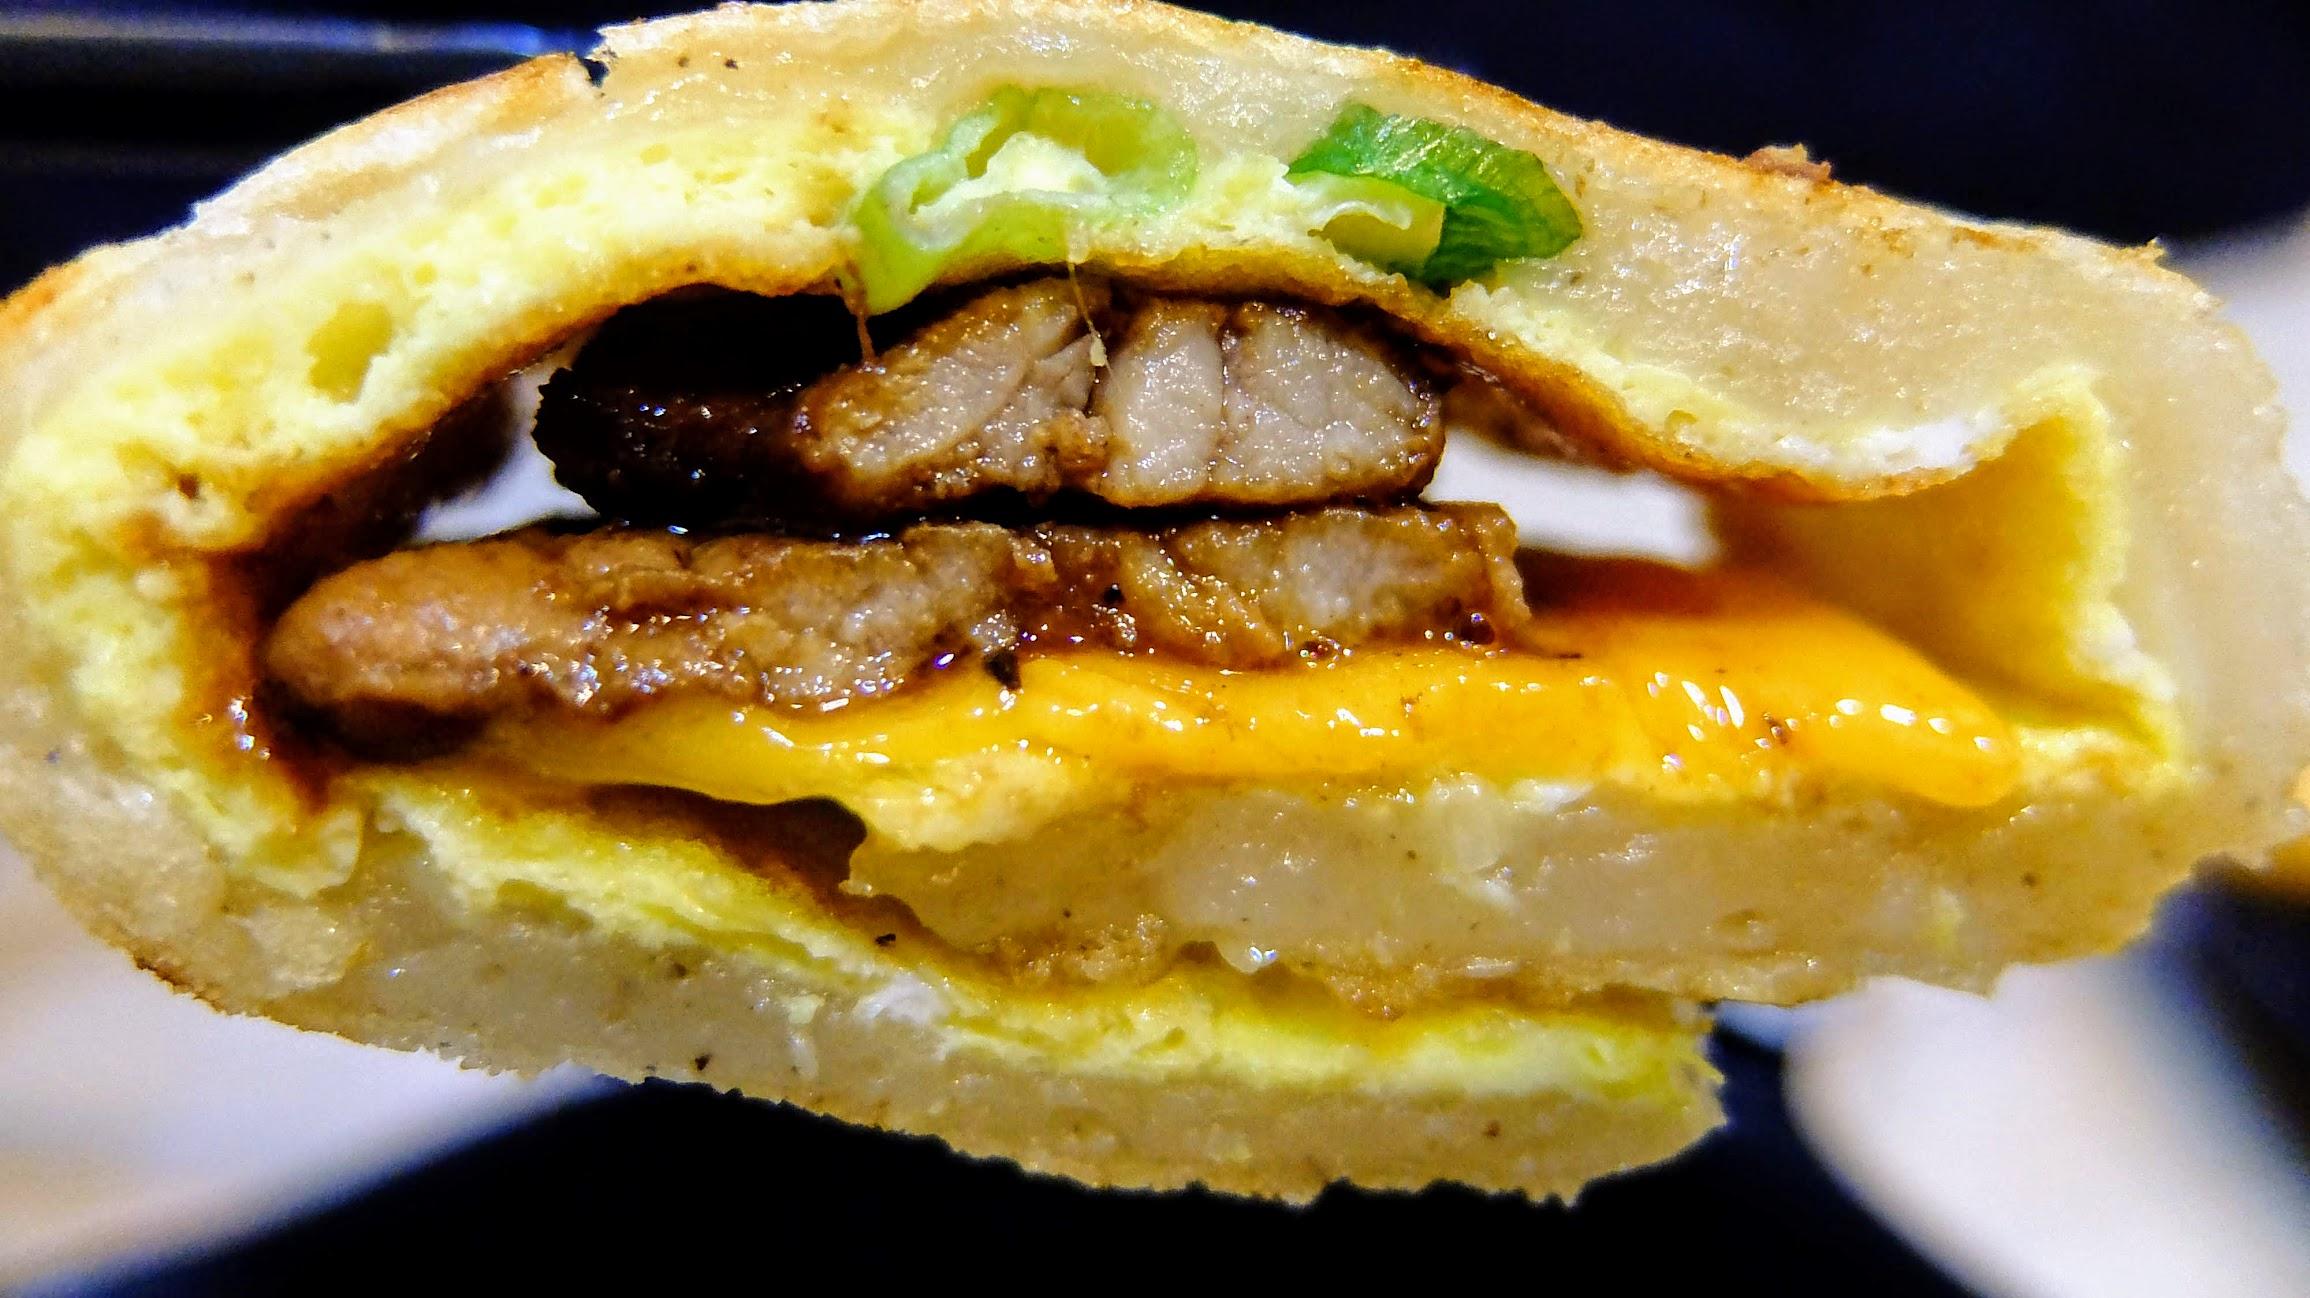 傳統蛋餅,外皮很酥脆,裡頭則是軟嫩的,加上燒肉與起司,這個蛋餅頗好吃的...